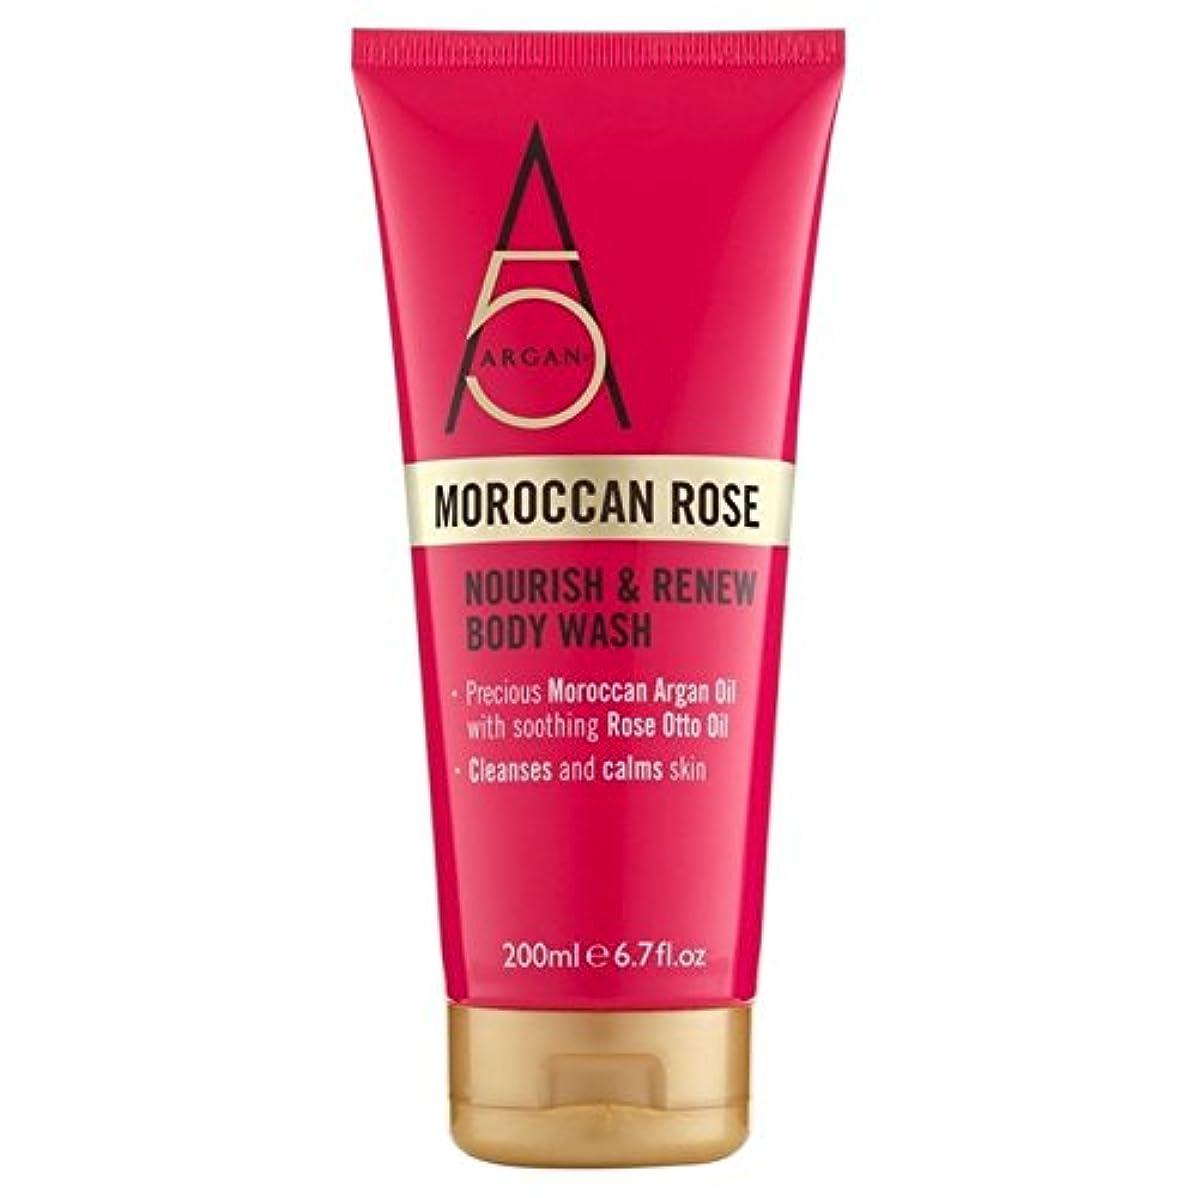 等しい見込み安心アルガン+モロッコは、ボディウォッシュ300ミリリットルをバラ x2 - Argan+ Moroccan Rose Body Wash 300ml (Pack of 2) [並行輸入品]